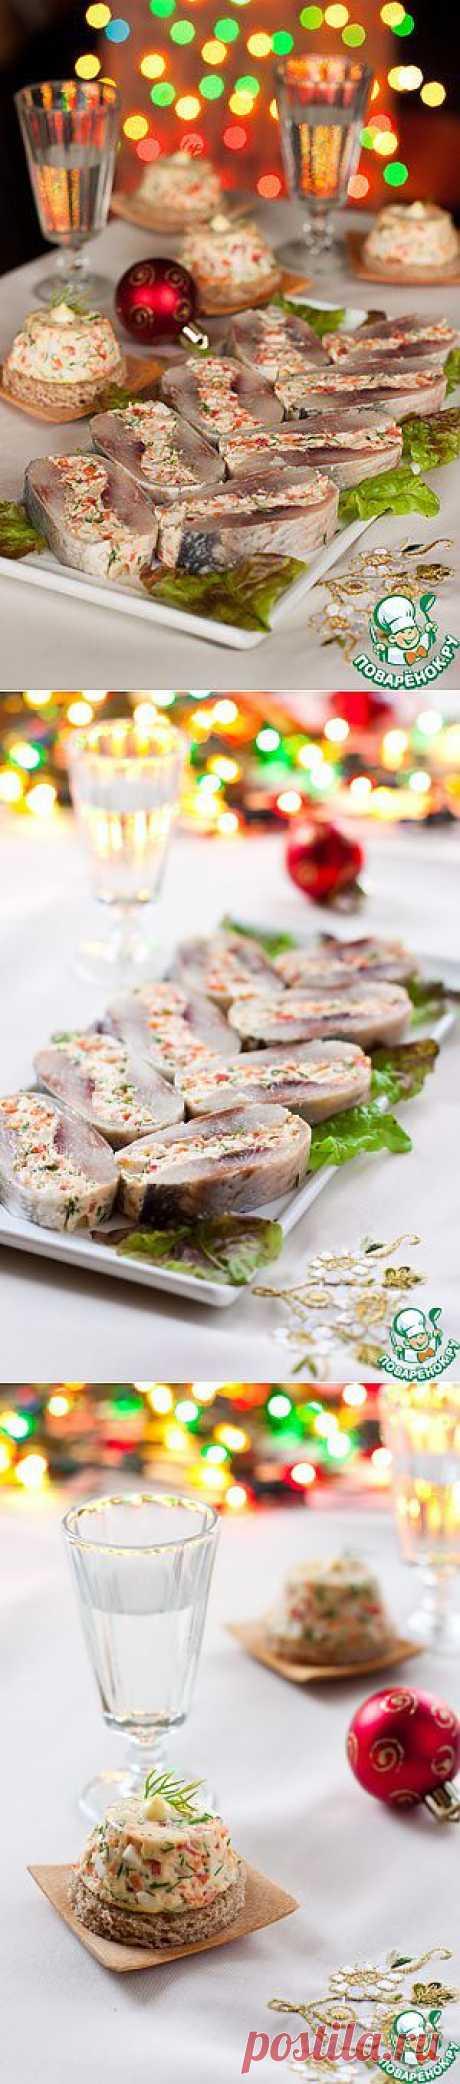 Фаршированная сельдь - кулинарный рецепт